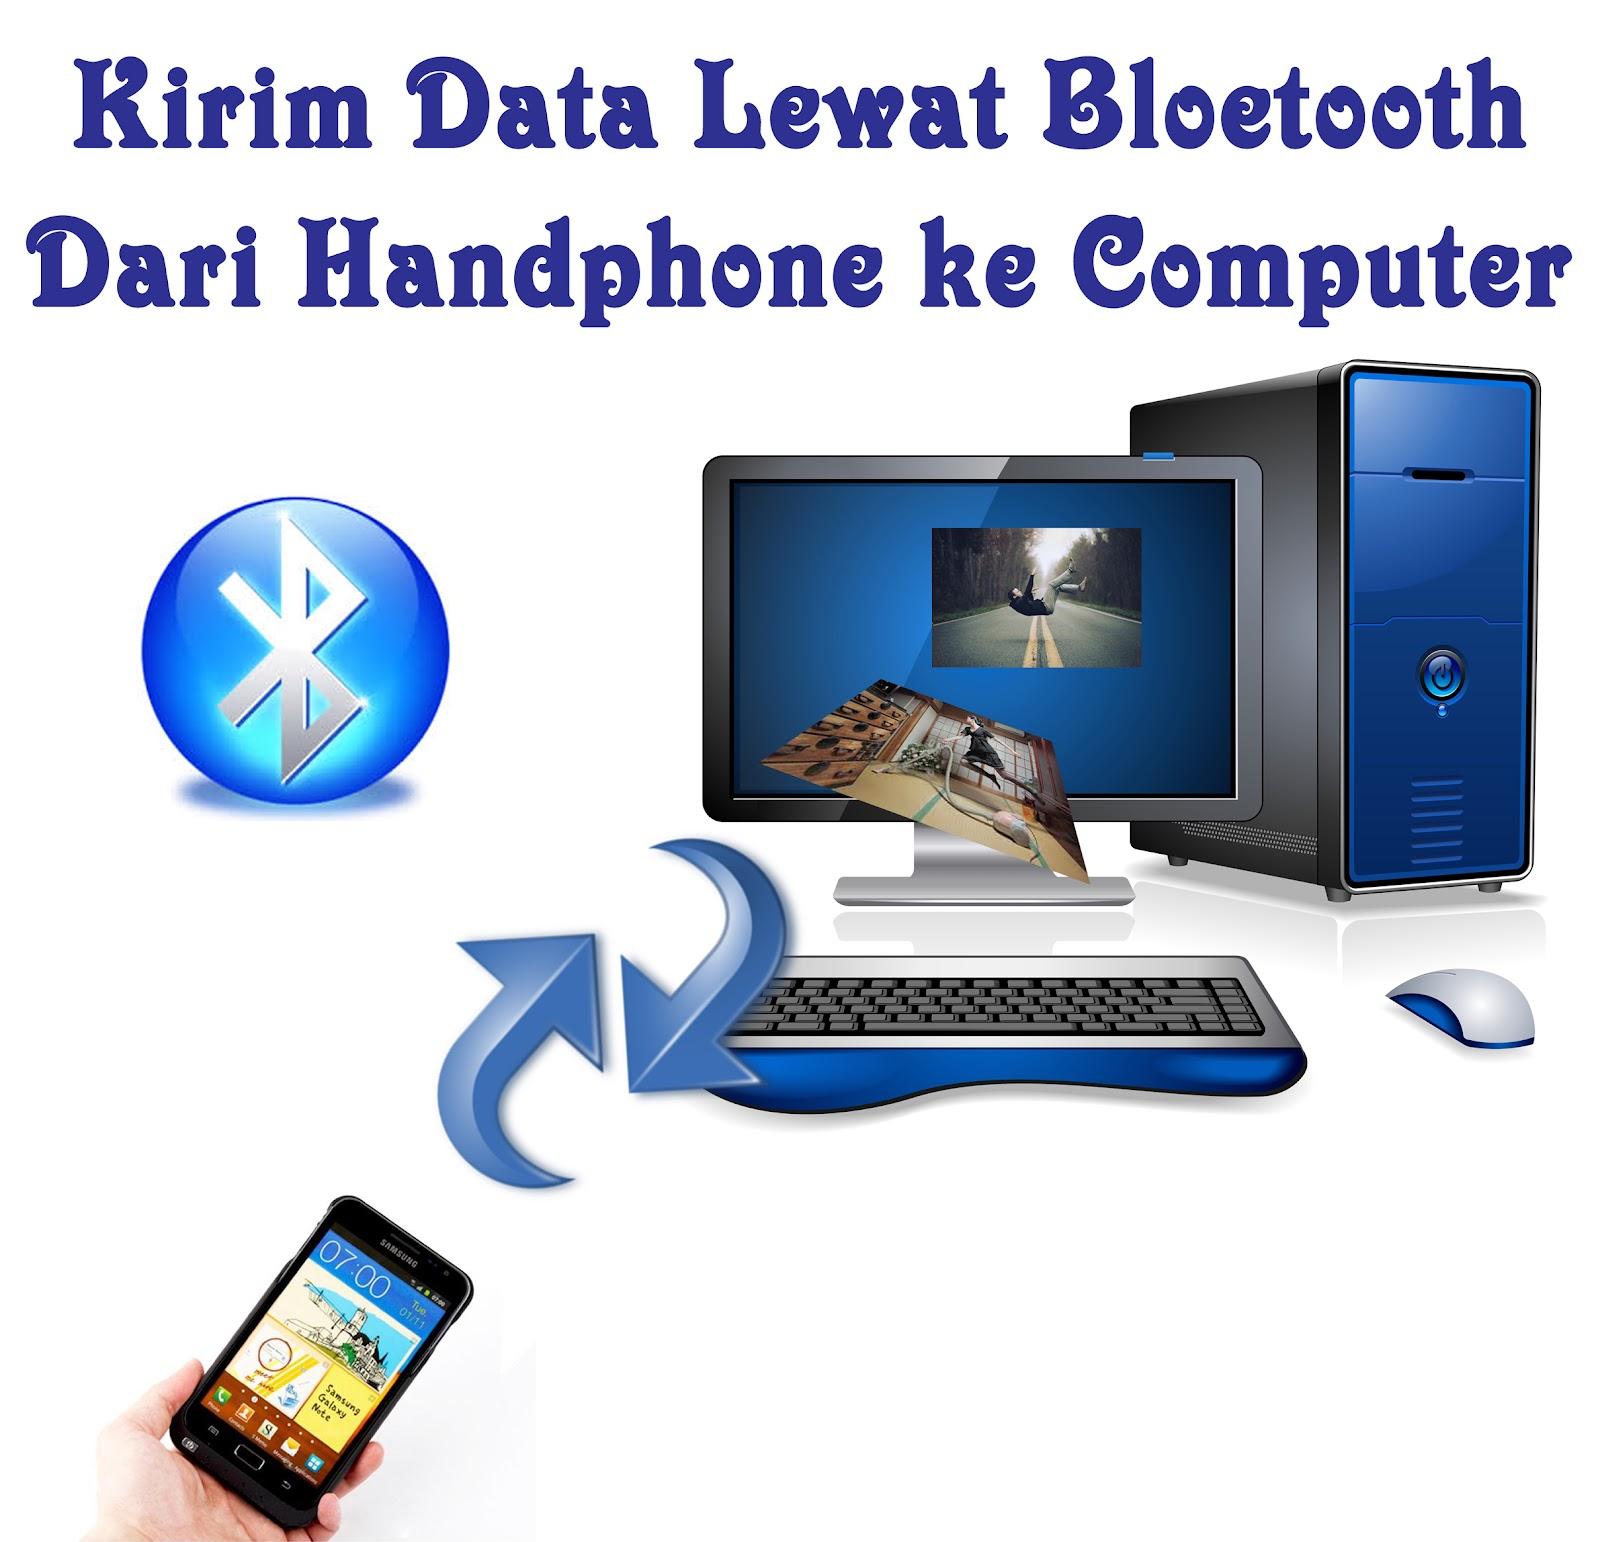 Kirim Data dari Handphone ke Computer.jpg